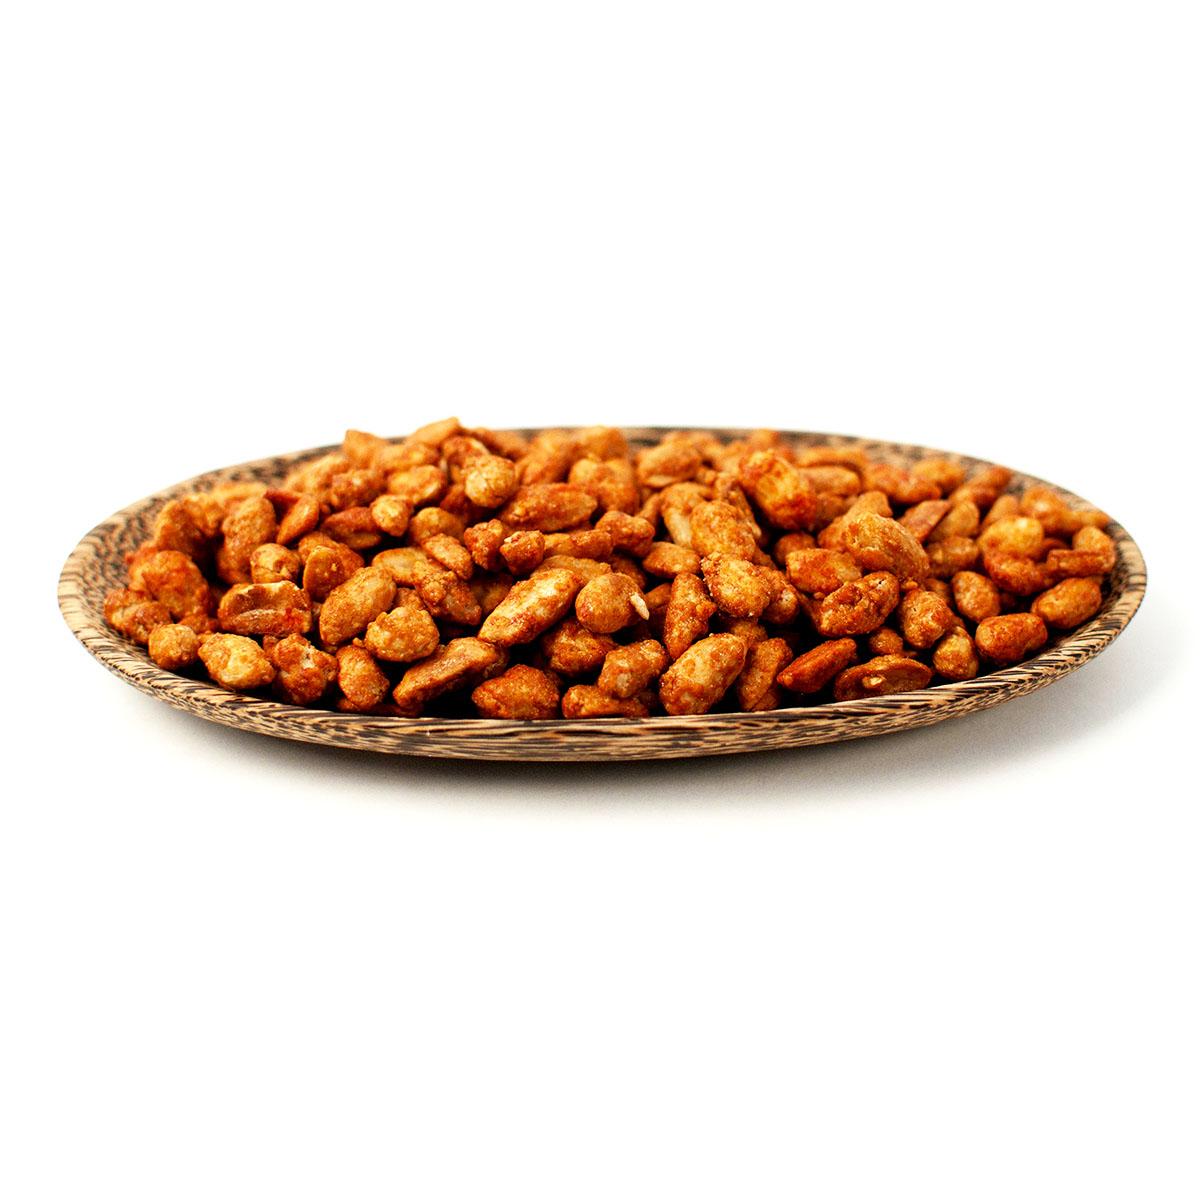 sunburst peanuts honey and chilli roasted